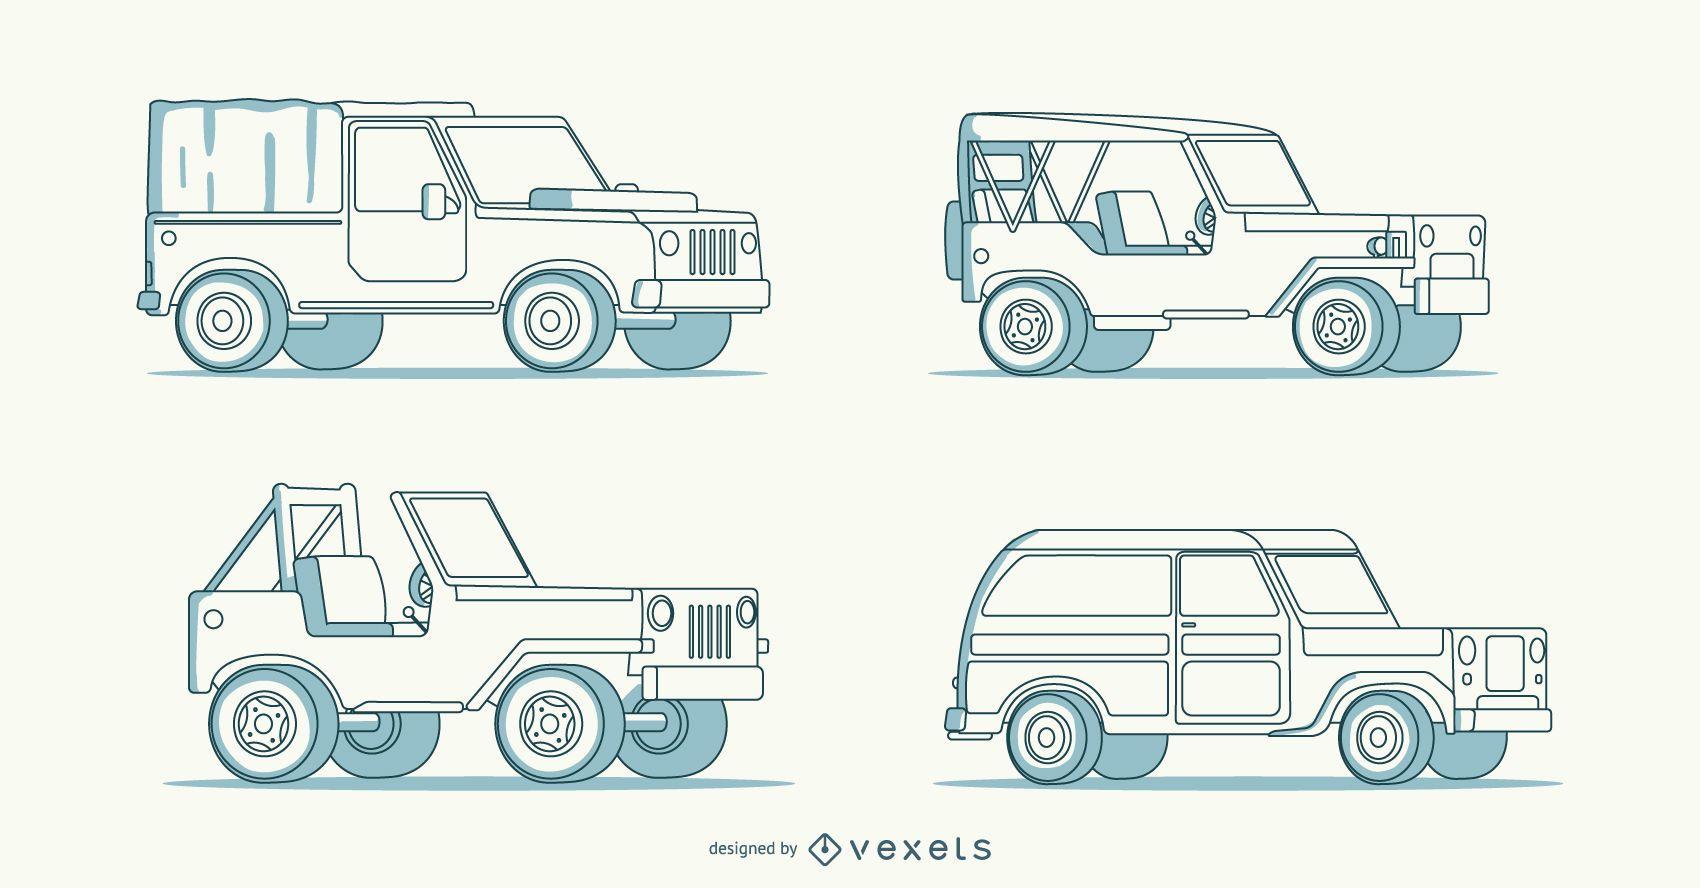 Cuatro intrincadas ilustraciones de coches dibujadas a mano.